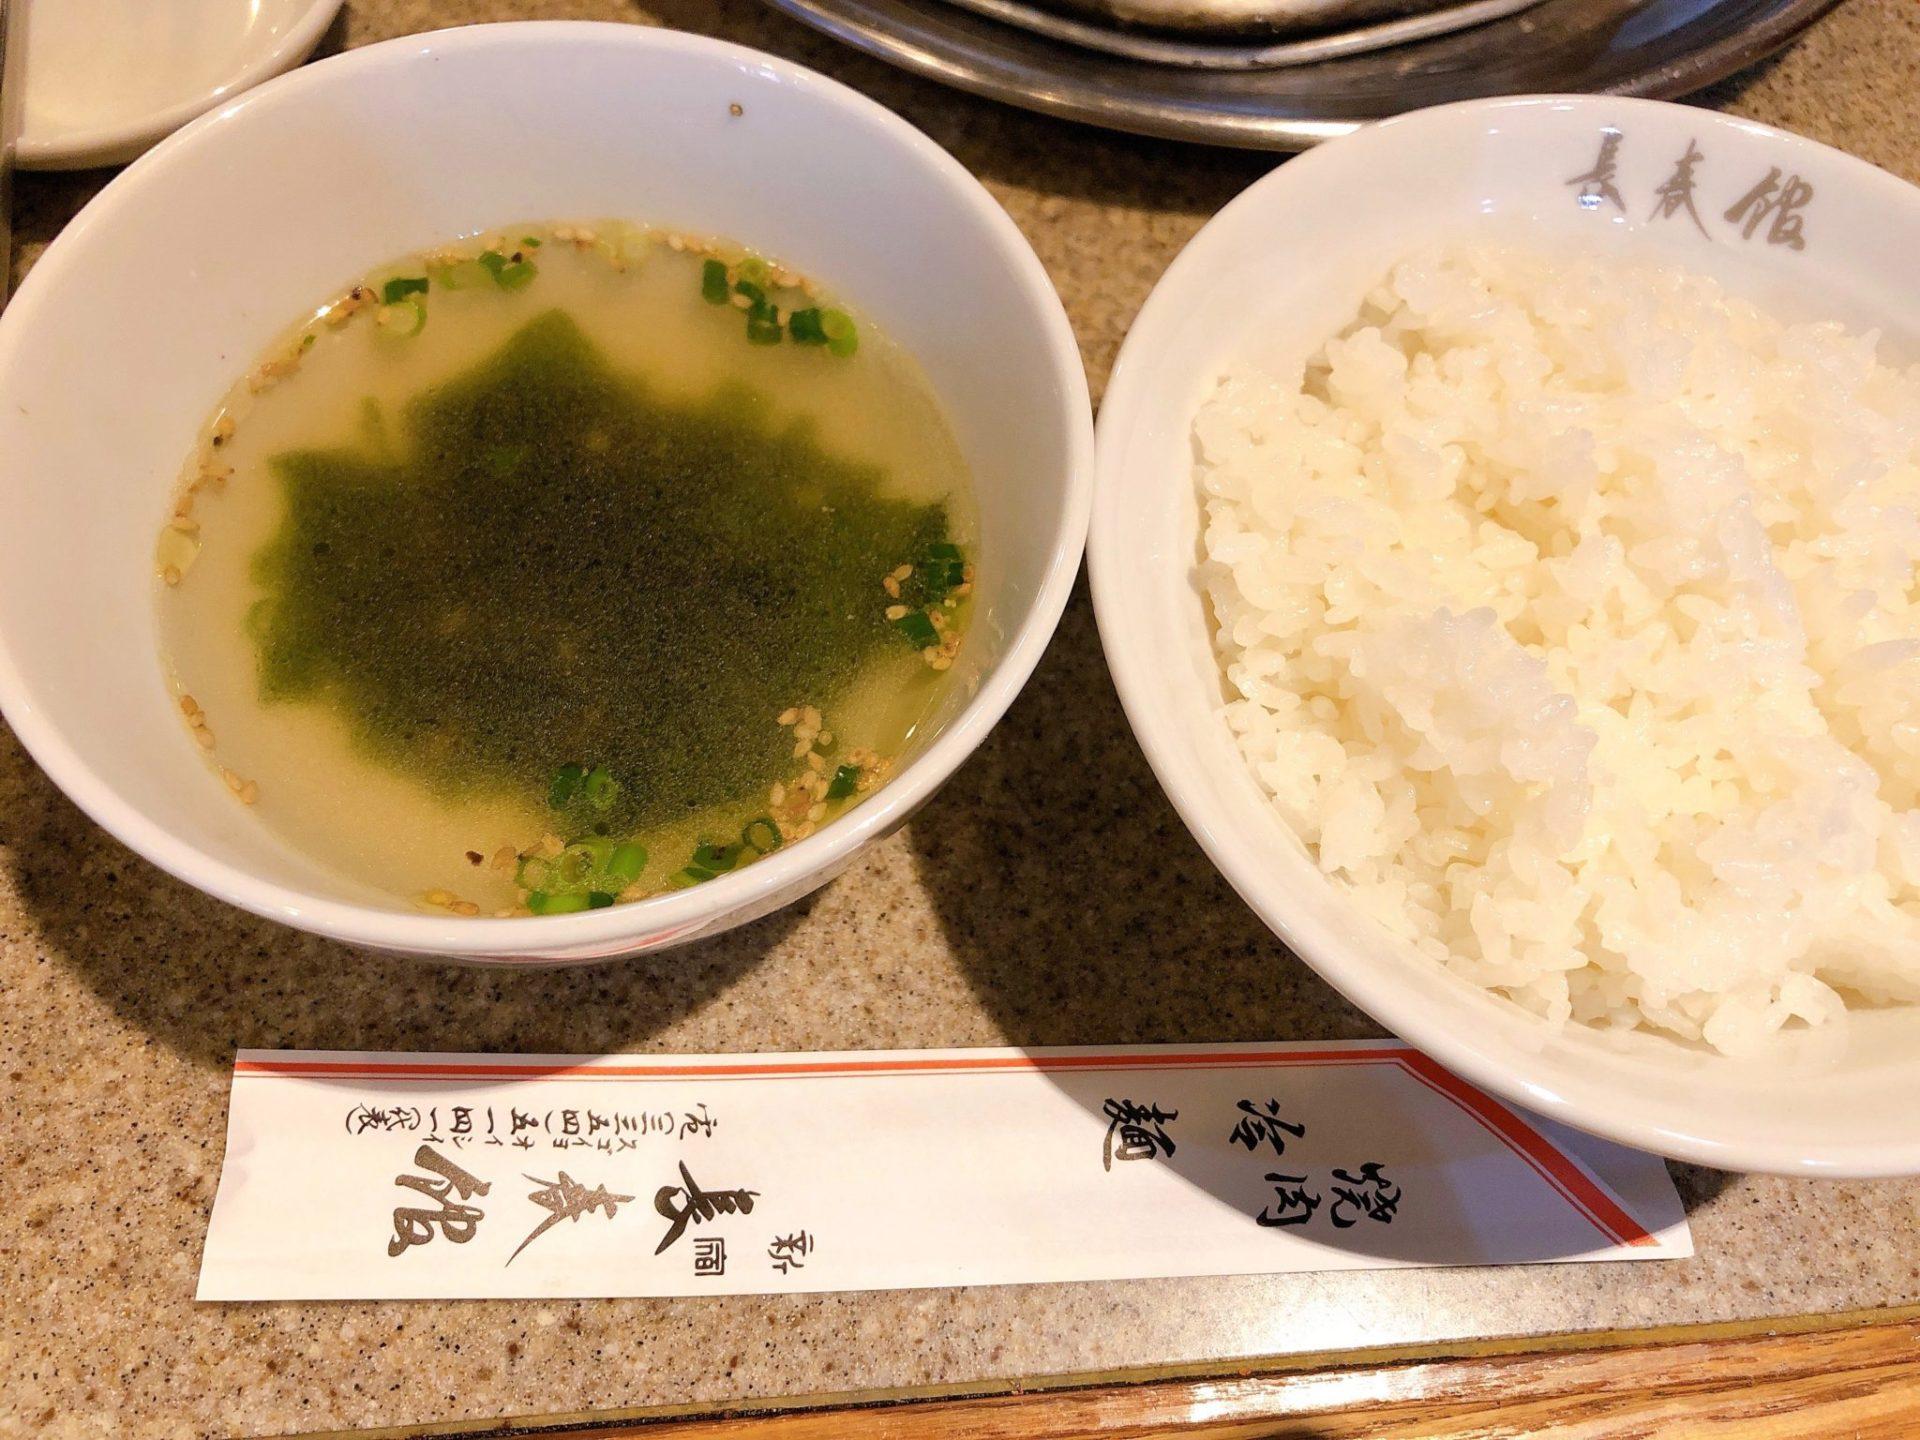 長春館(チョウシュンカン)新宿のご飯とわかめススープ